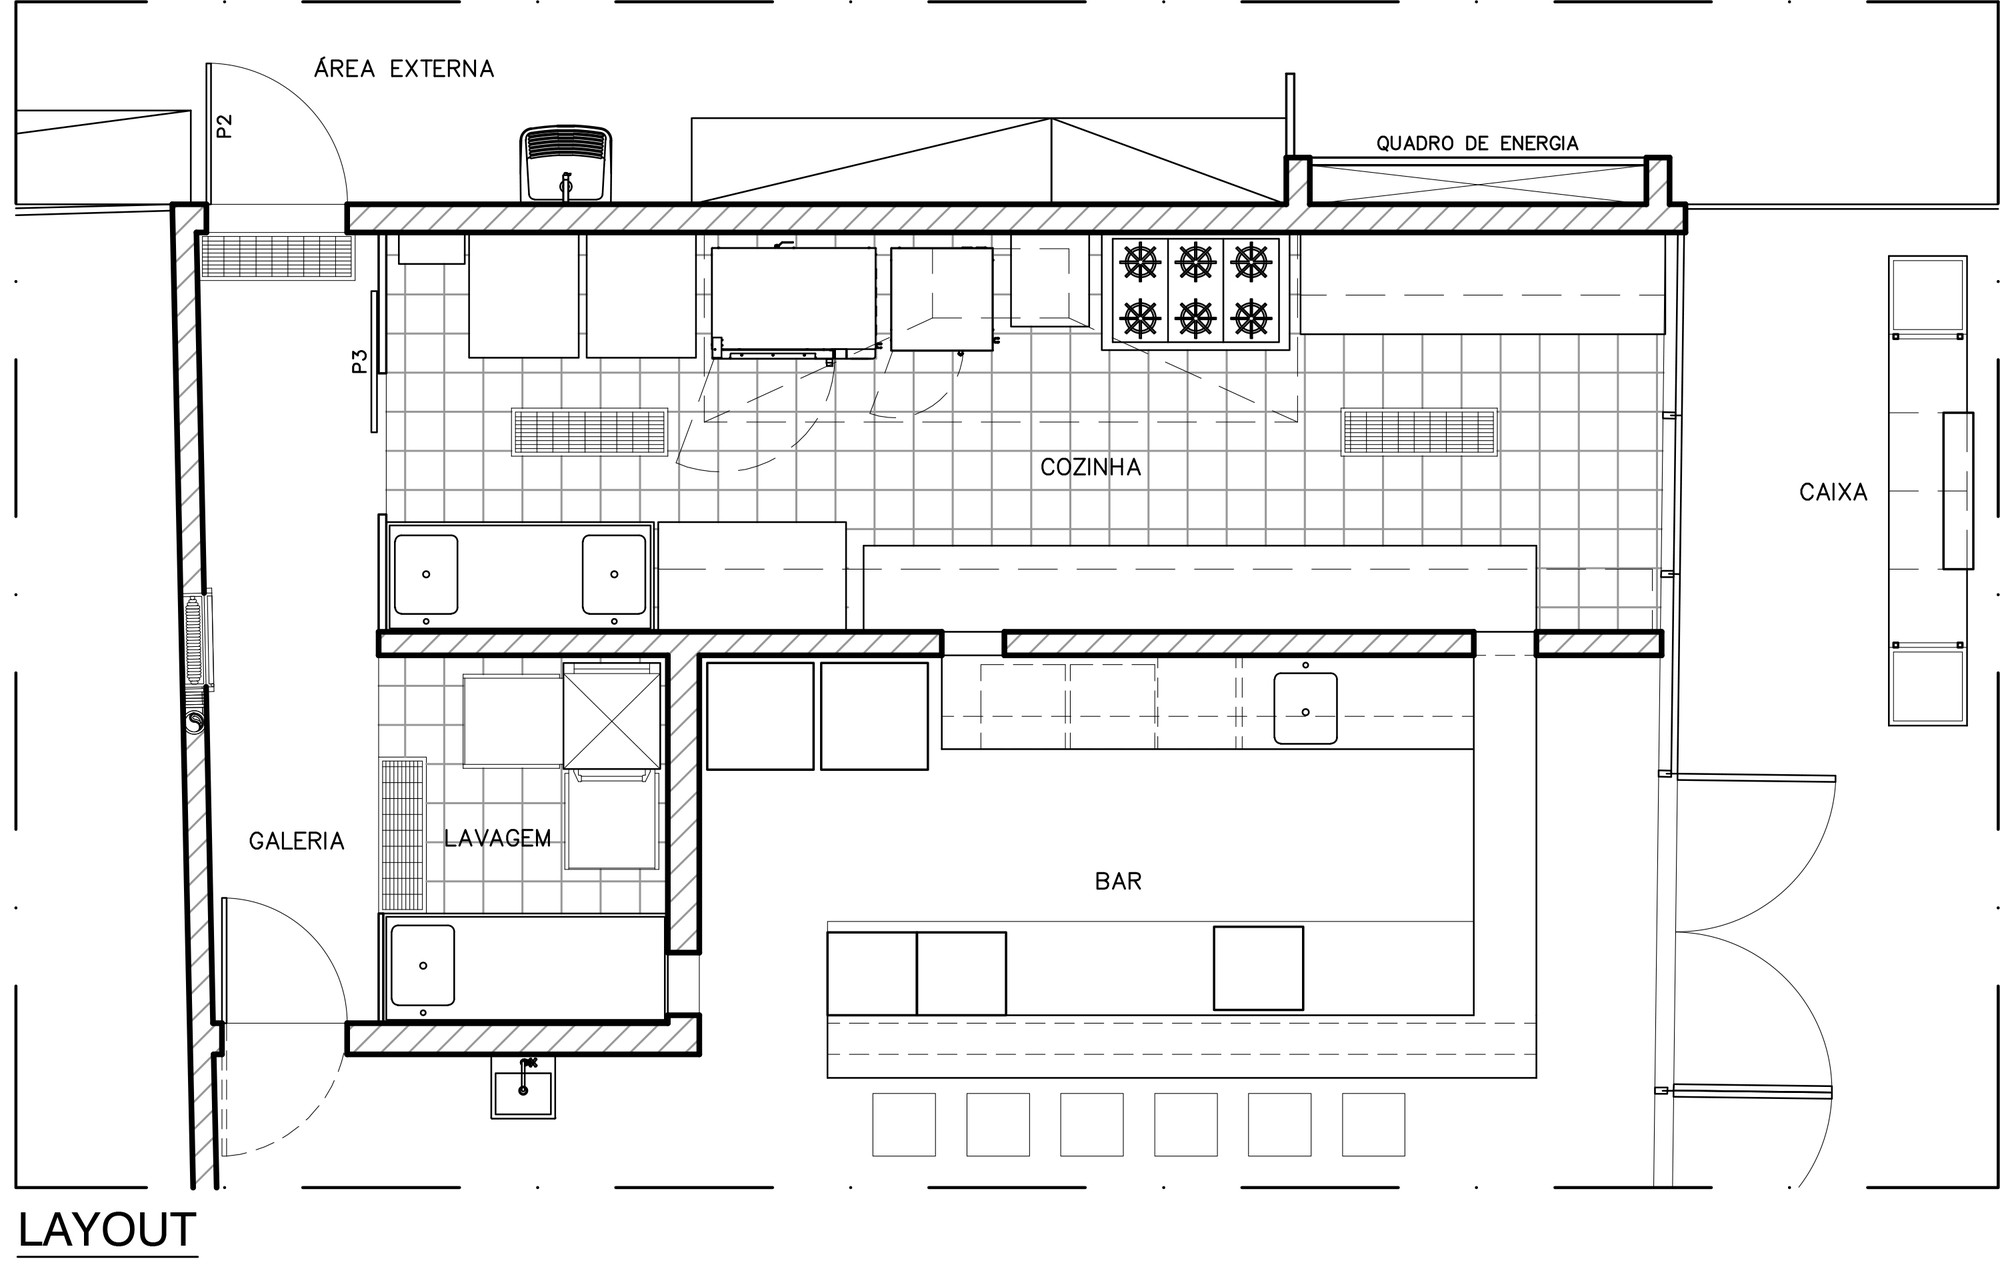 Galeria de Bistrô Bom Demais / Semerene Arquitetura Interior 12 #3F3F3F 2000 1265